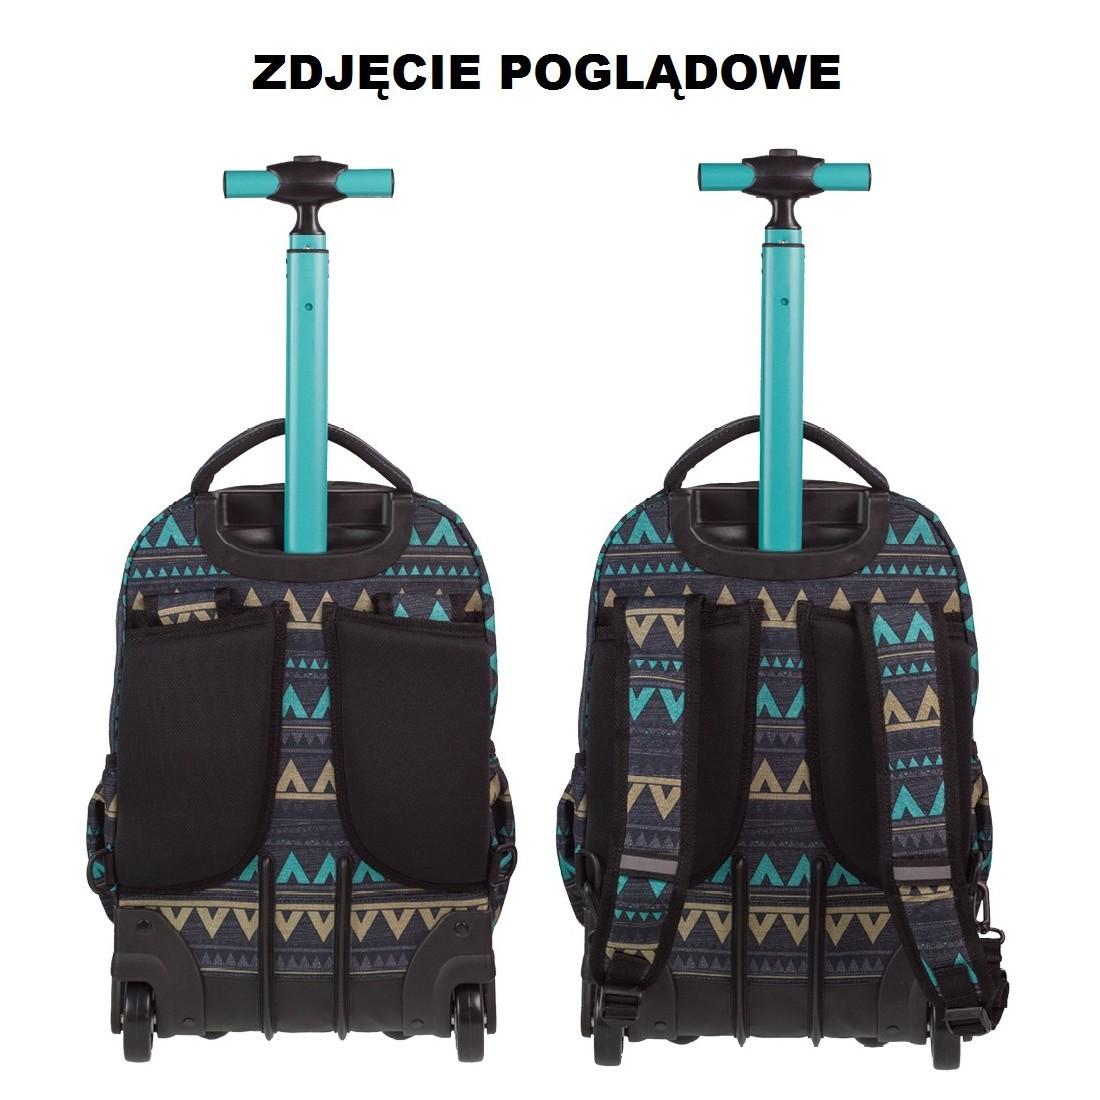 841154395d5f0 ... Plecak na kółkach CoolPack CP SWIFT PLUMES 964 w kolorowe piórka dla  dziewczynki